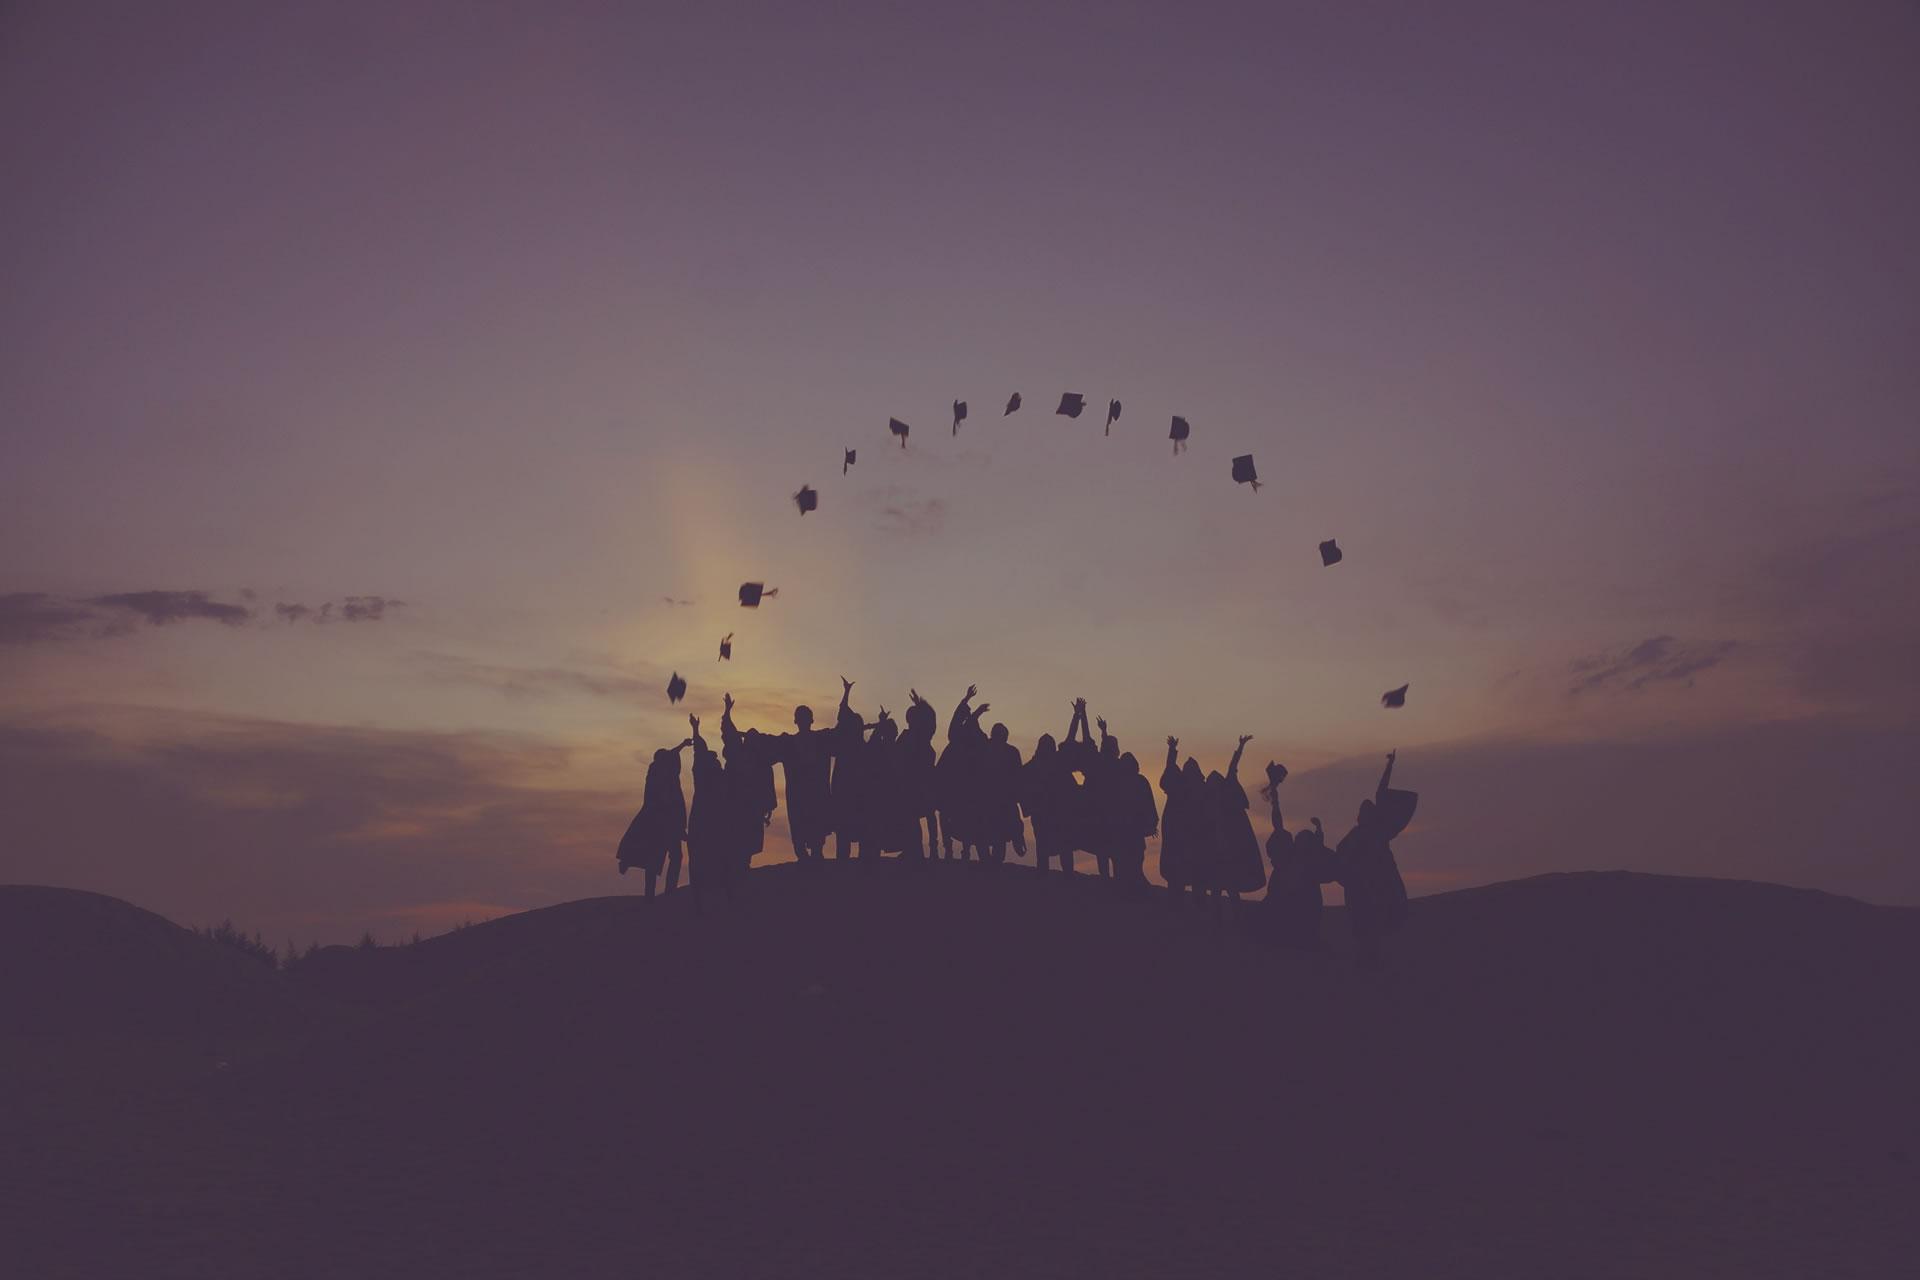 Türk öğrenciler için özel indirim ve promosyon fırsatlarından faydalan.